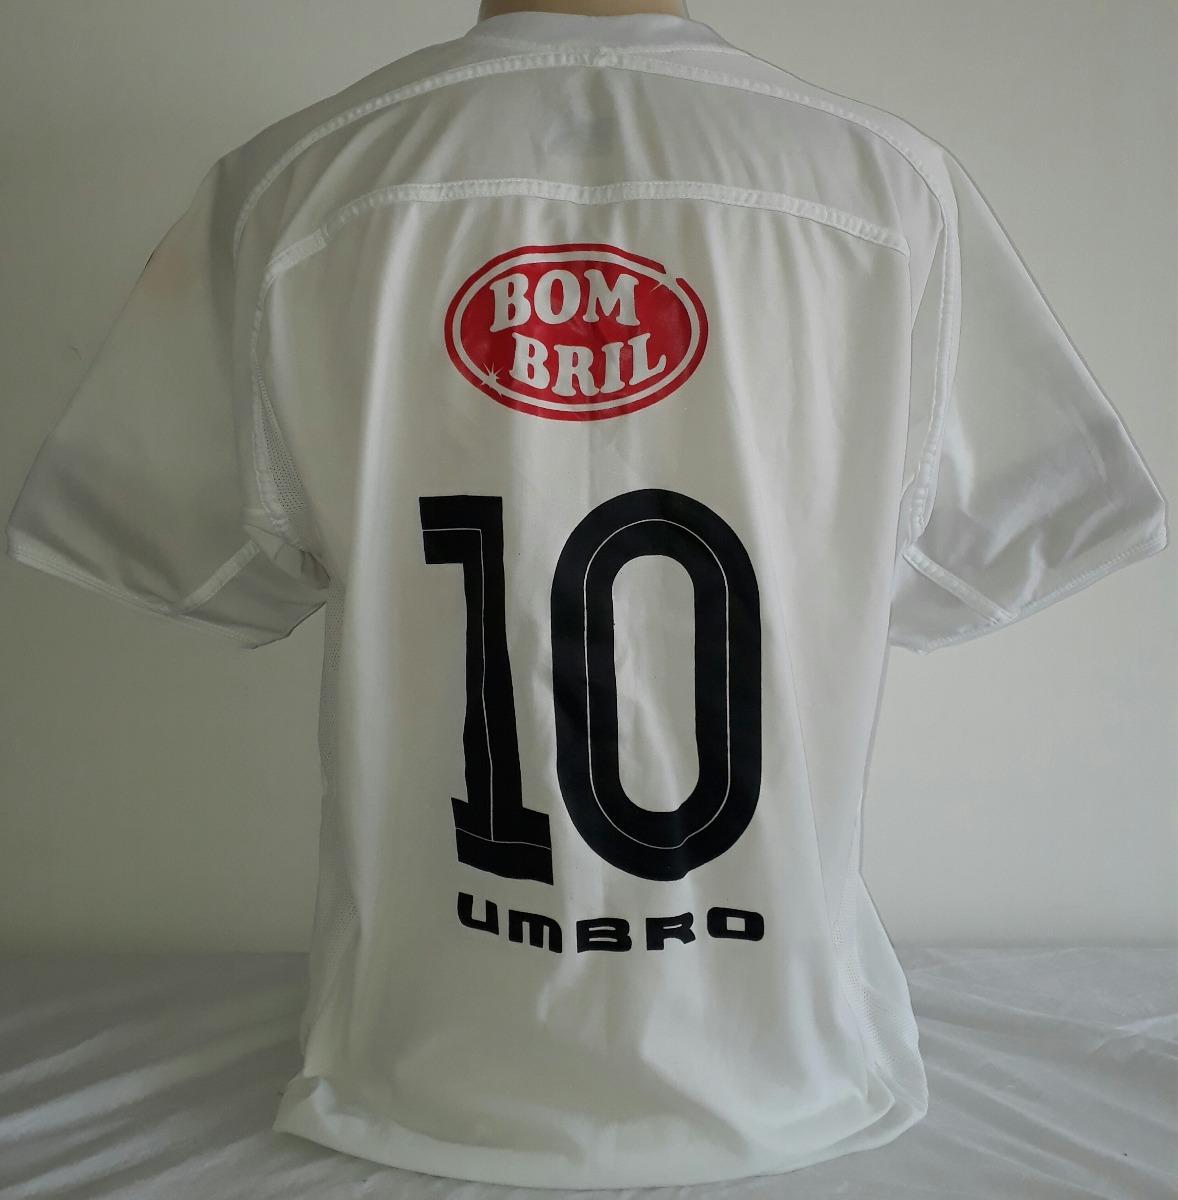 01b619dd9dbe6 camisa santos umbro campeão brasileiro de 2004 bombril - 17. Carregando  zoom.